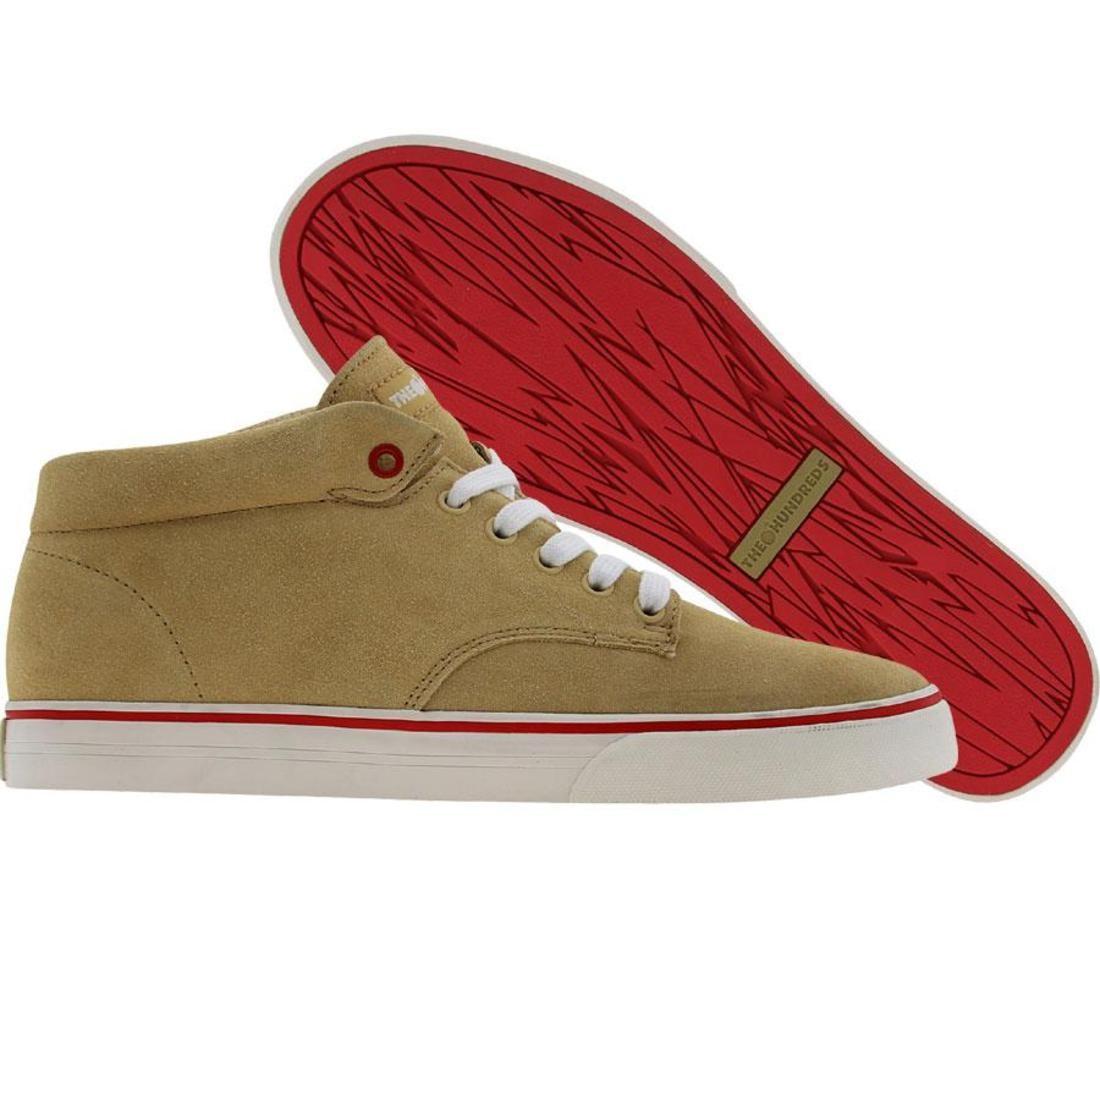 【海外限定】ジョンソン ミッド 靴 メンズ靴 【 THE HUNDREDS JOHNSON MID KHAKI 】